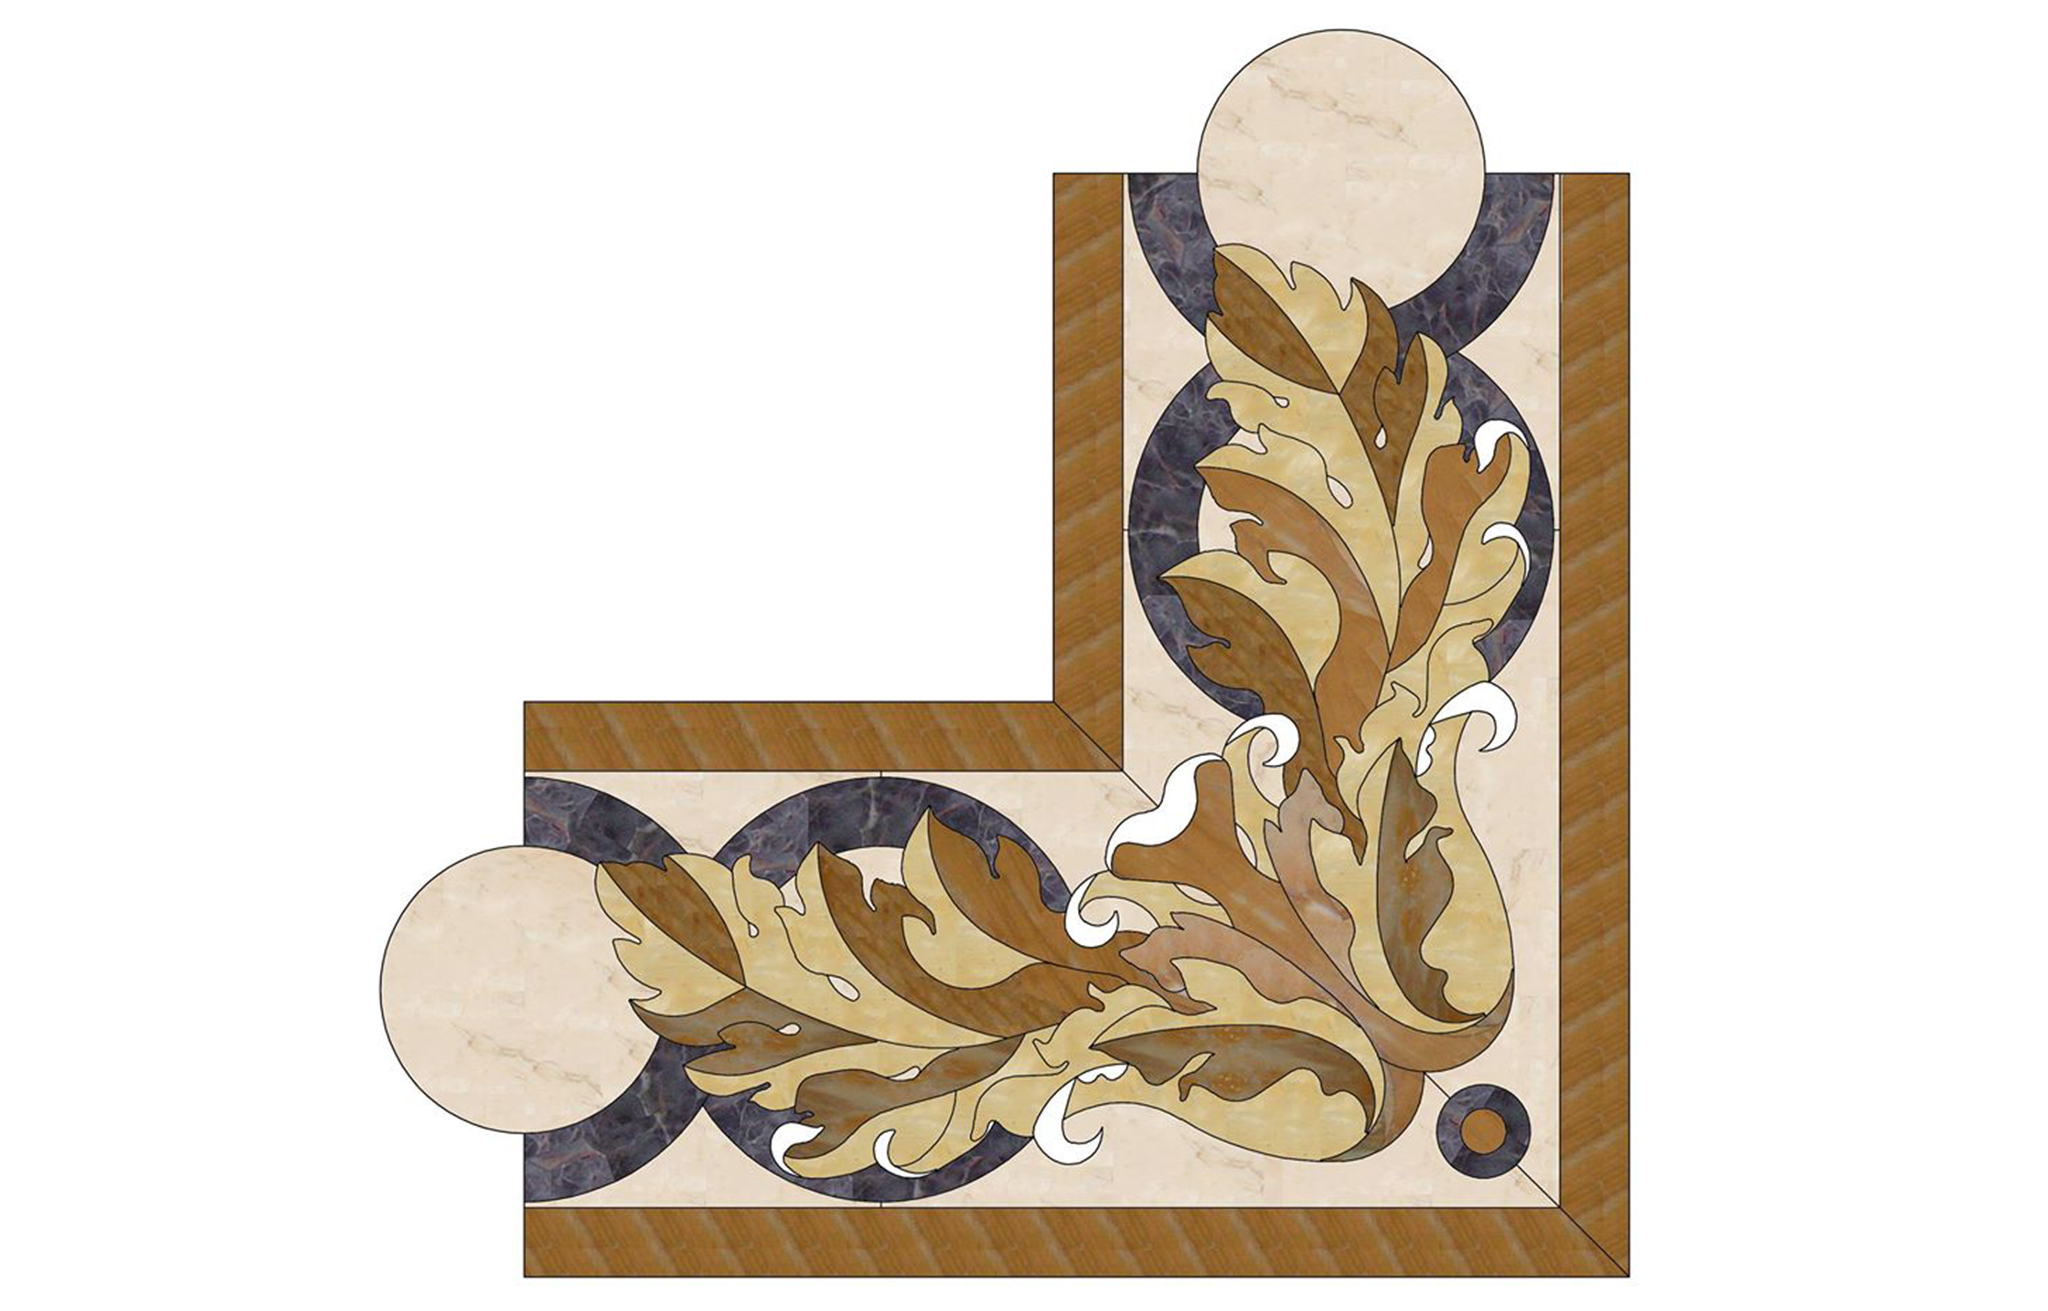 Pavimenti di marmo ad intarsio, marmi policromi - 1